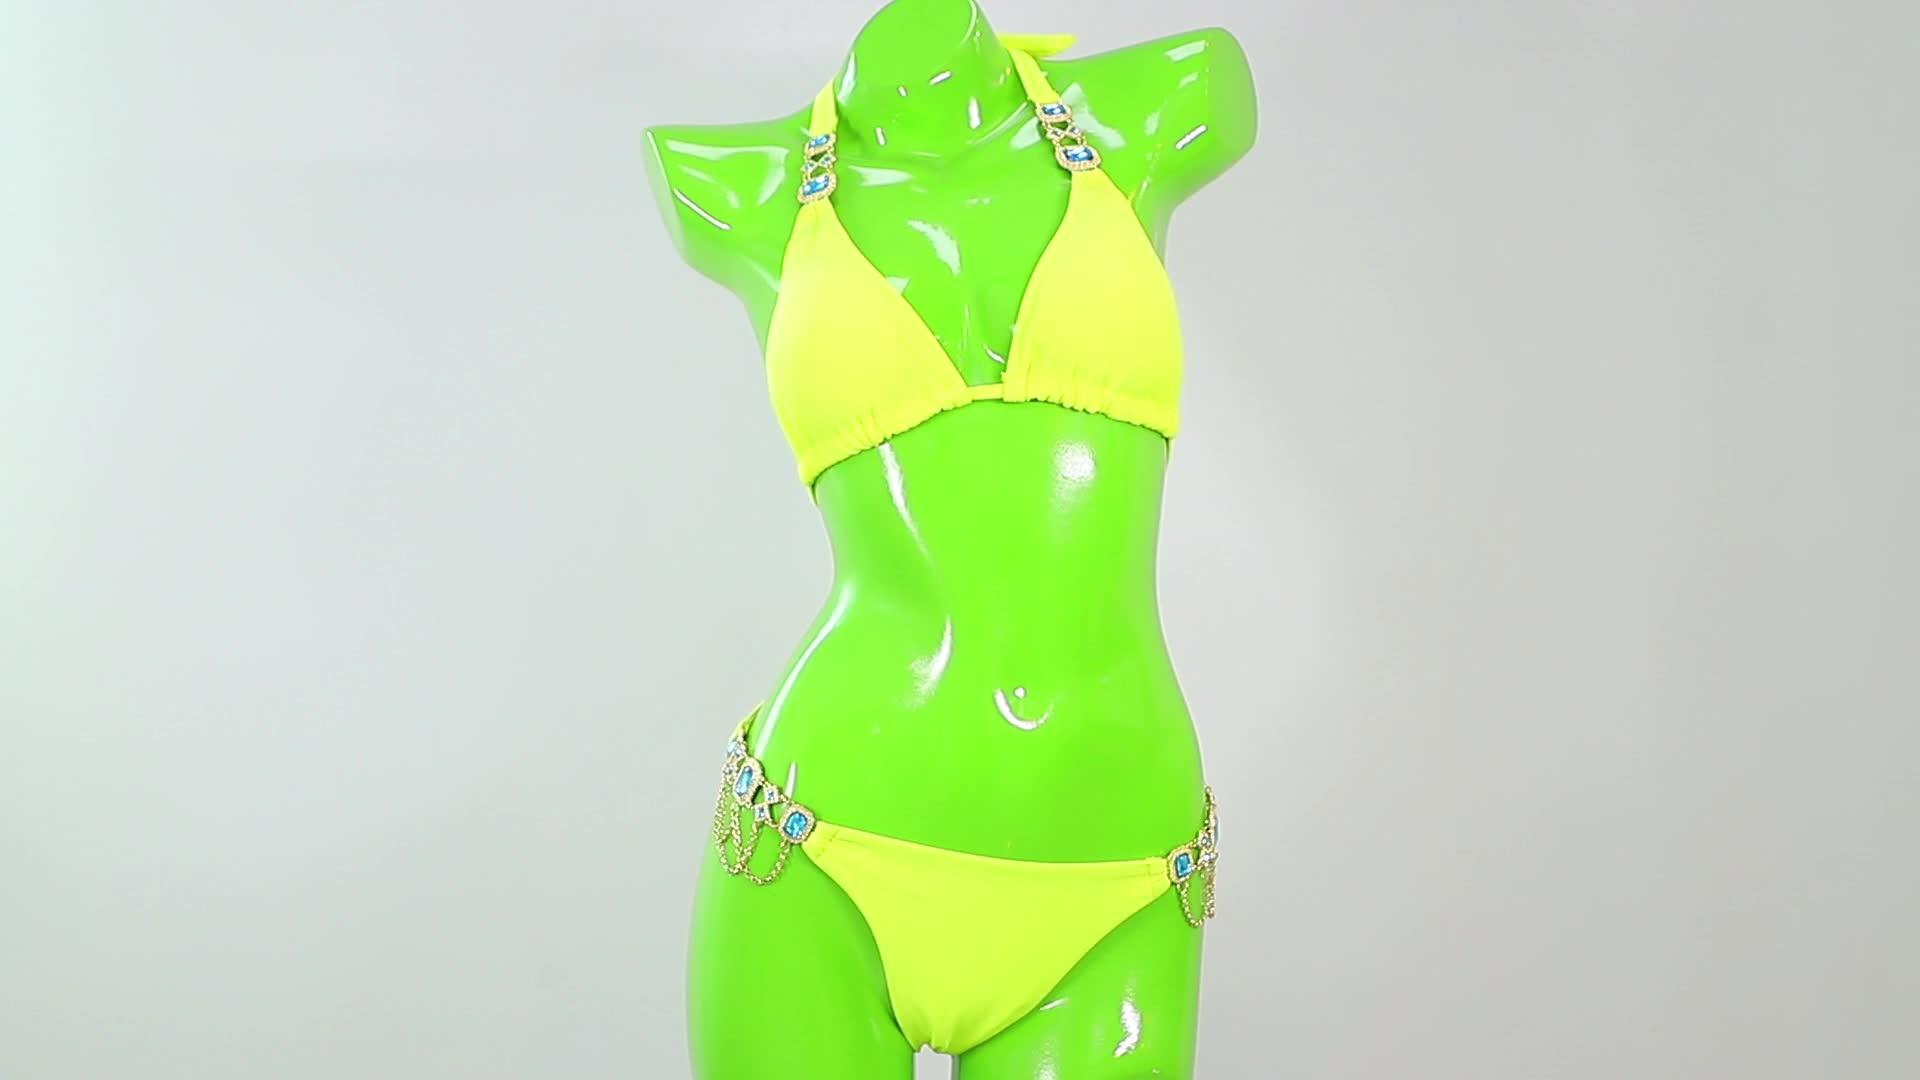 2019 नई डिजाइन जूनियर लड़कियों अफ्रीकी प्रिंट सेक्सी स्नान सूट लक्जरी swimwear के